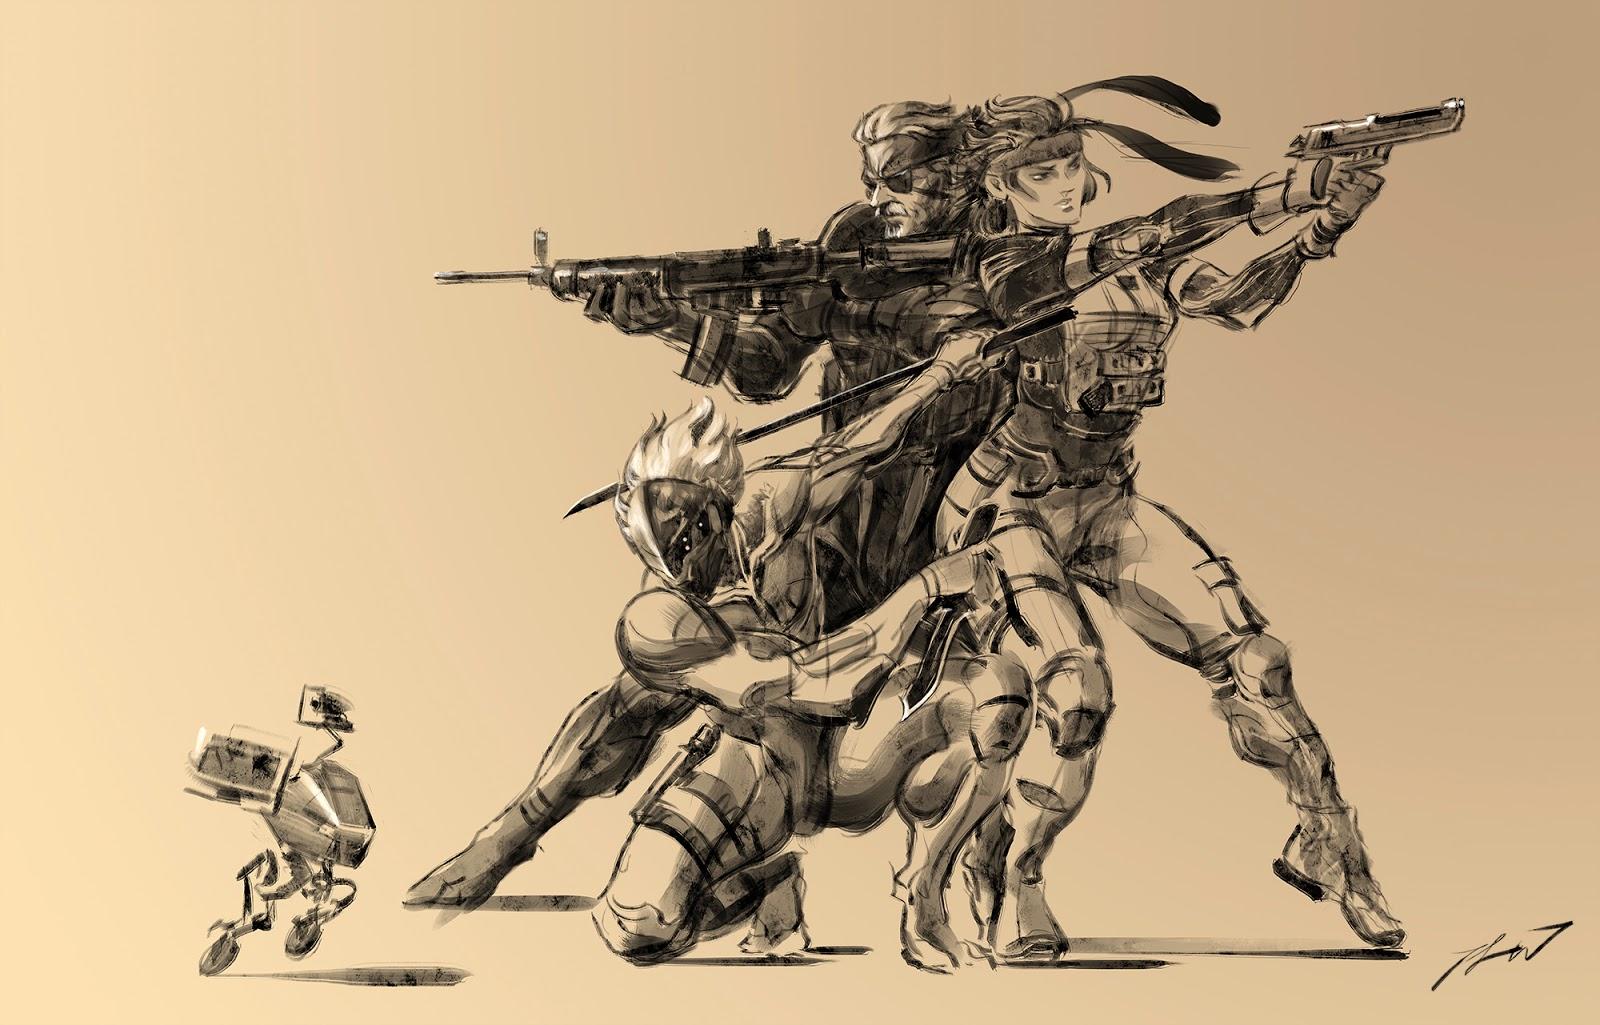 Yoji shinkawa concept art images for Concept metal